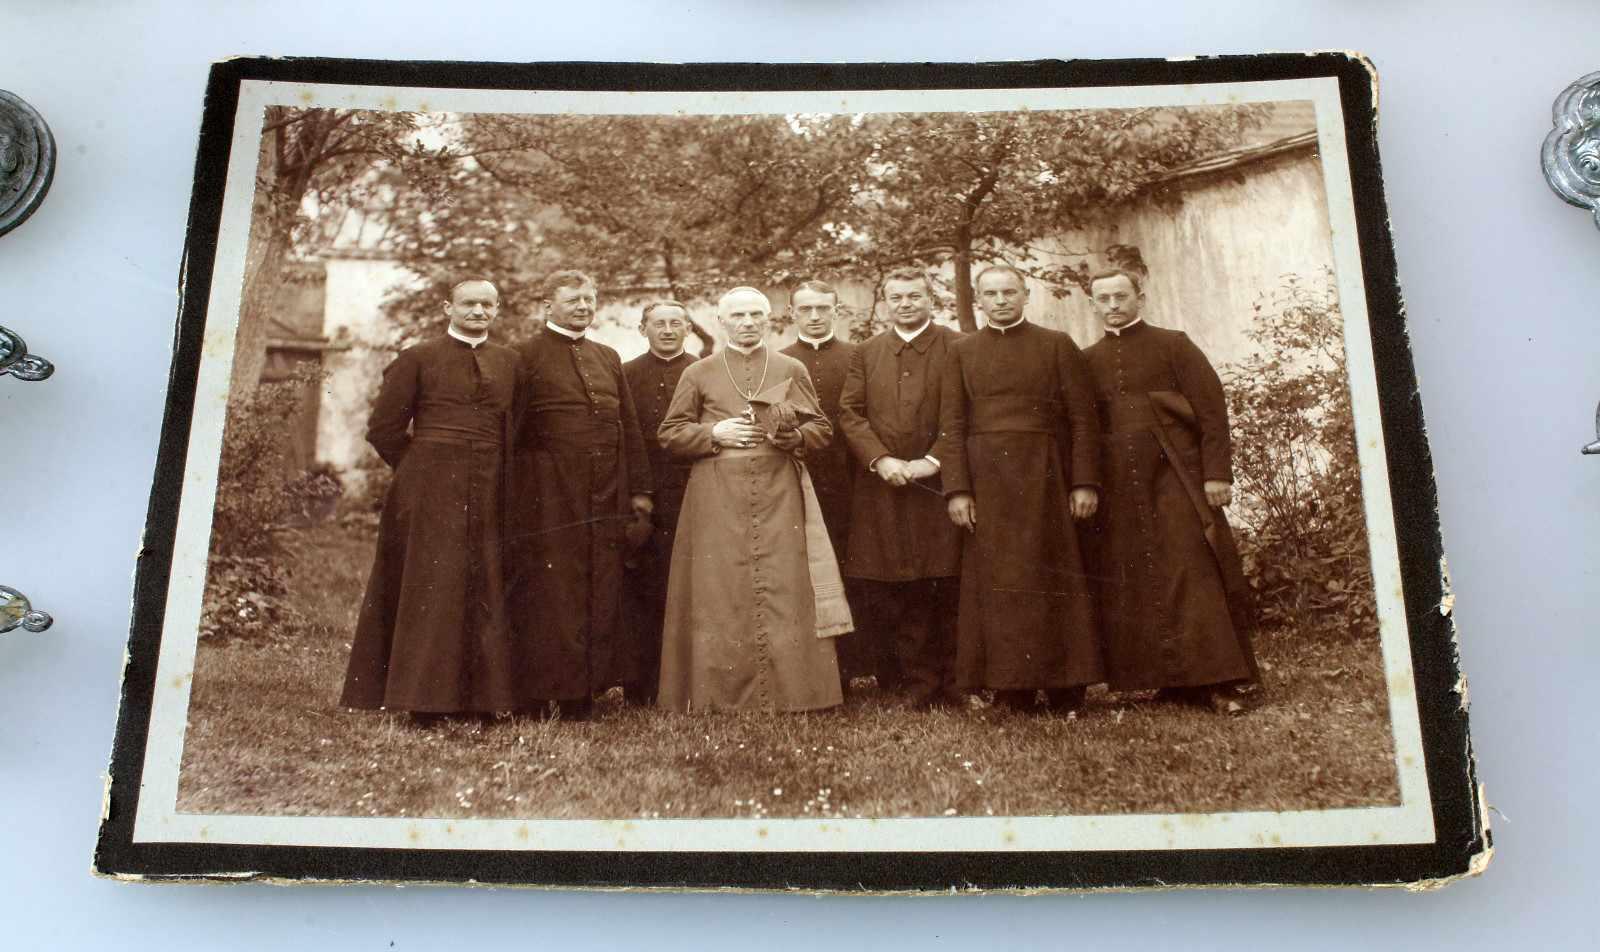 Klerikales Spielzeug eines späteren Geistlichen um 189025 Teile aus Zinn, Kelche, Kerzenleuchter, - Bild 3 aus 3